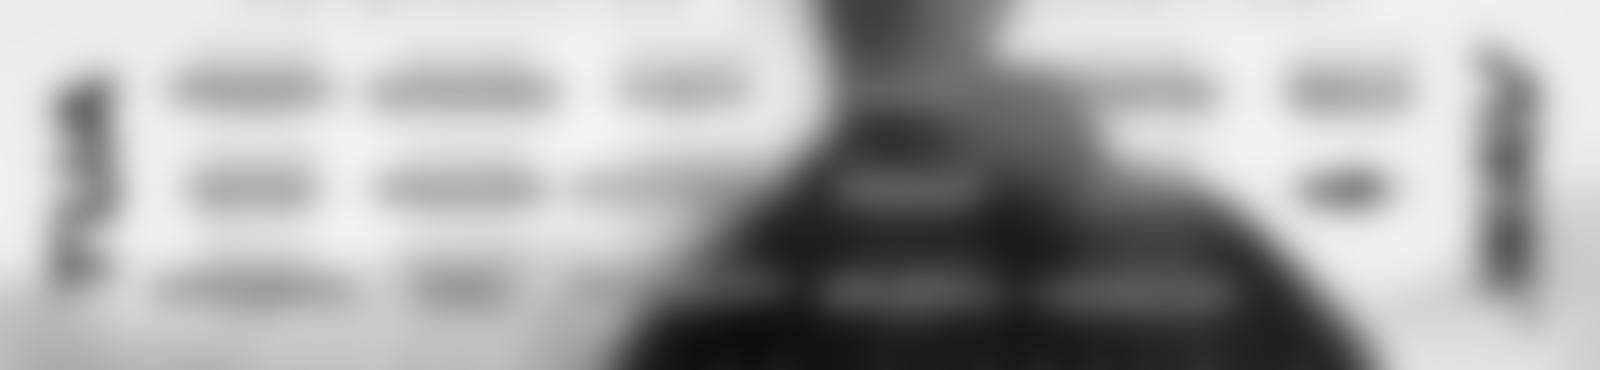 Blurred 3a87a7fd 67fa 494d 847b 50a57fd5ad86